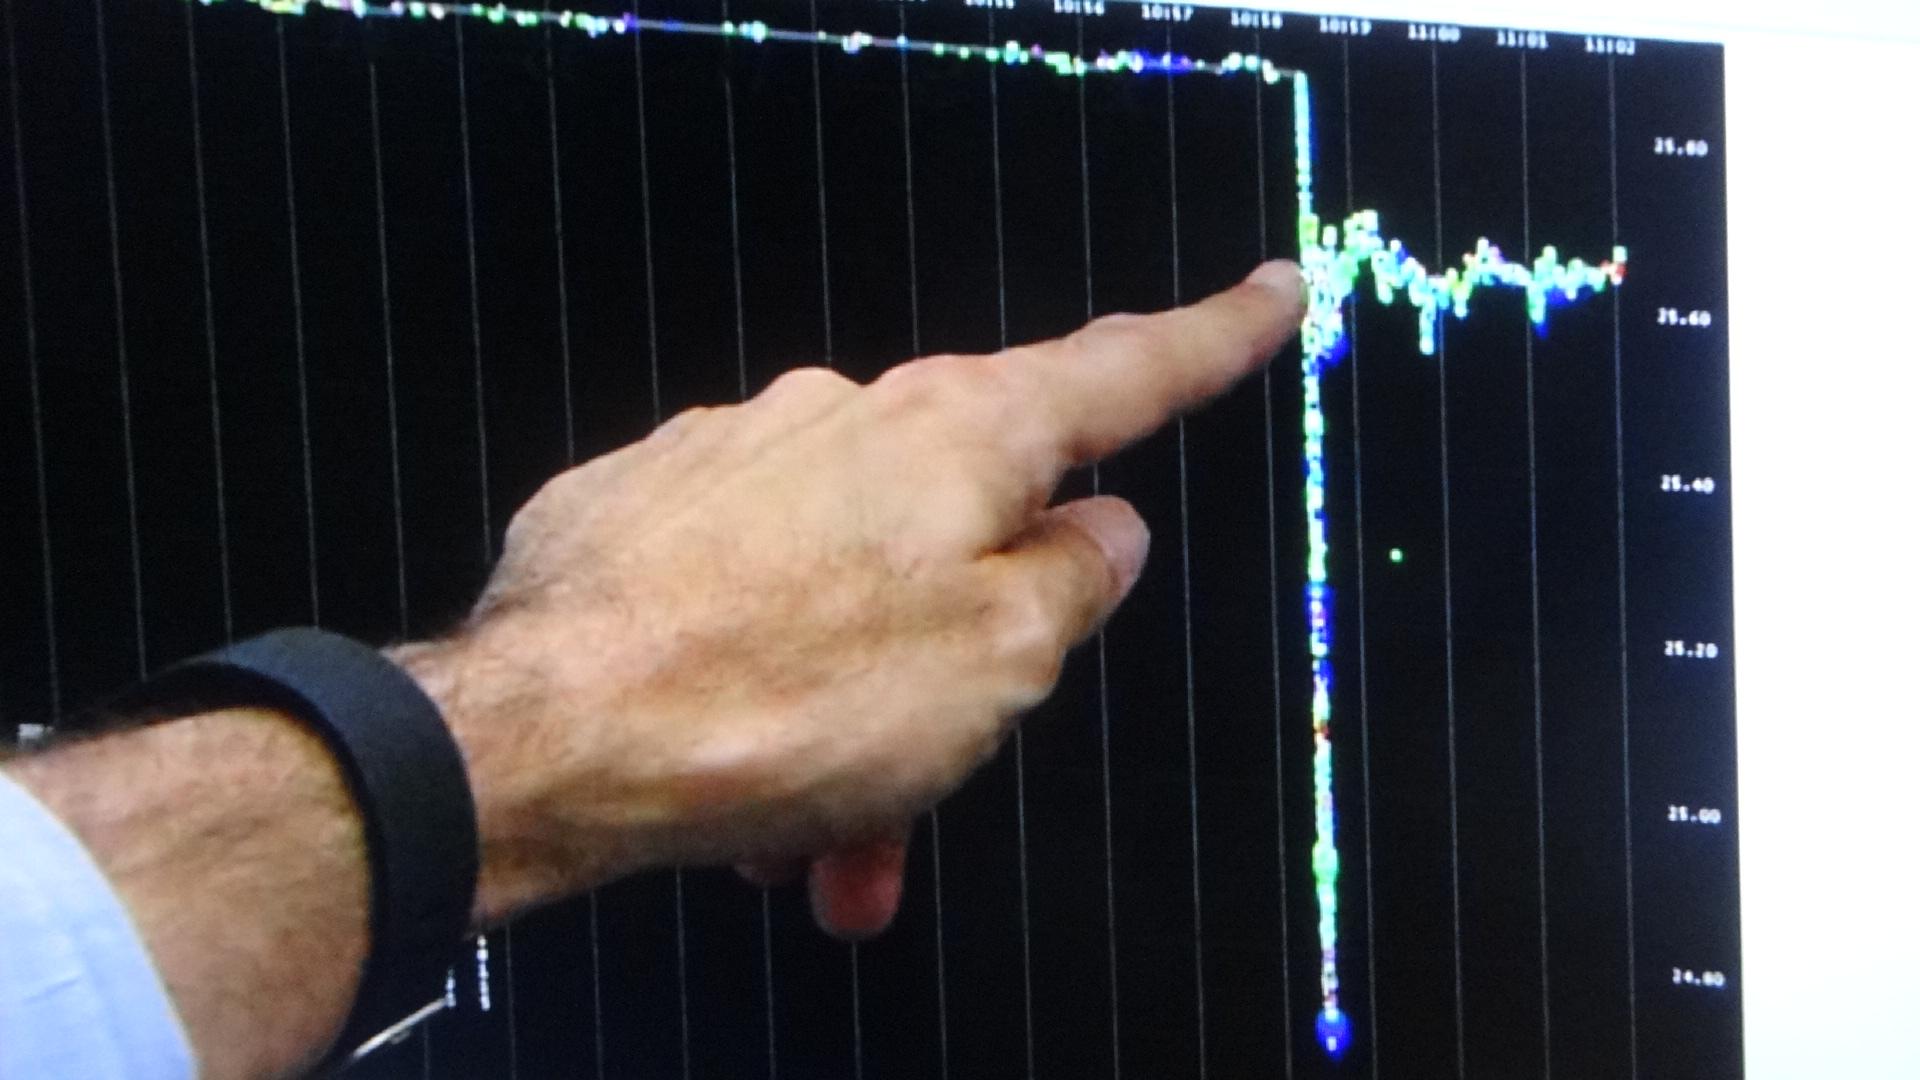 AIコンピューターの暴走による 瞬時の異常な株価の変動を示すグラフ